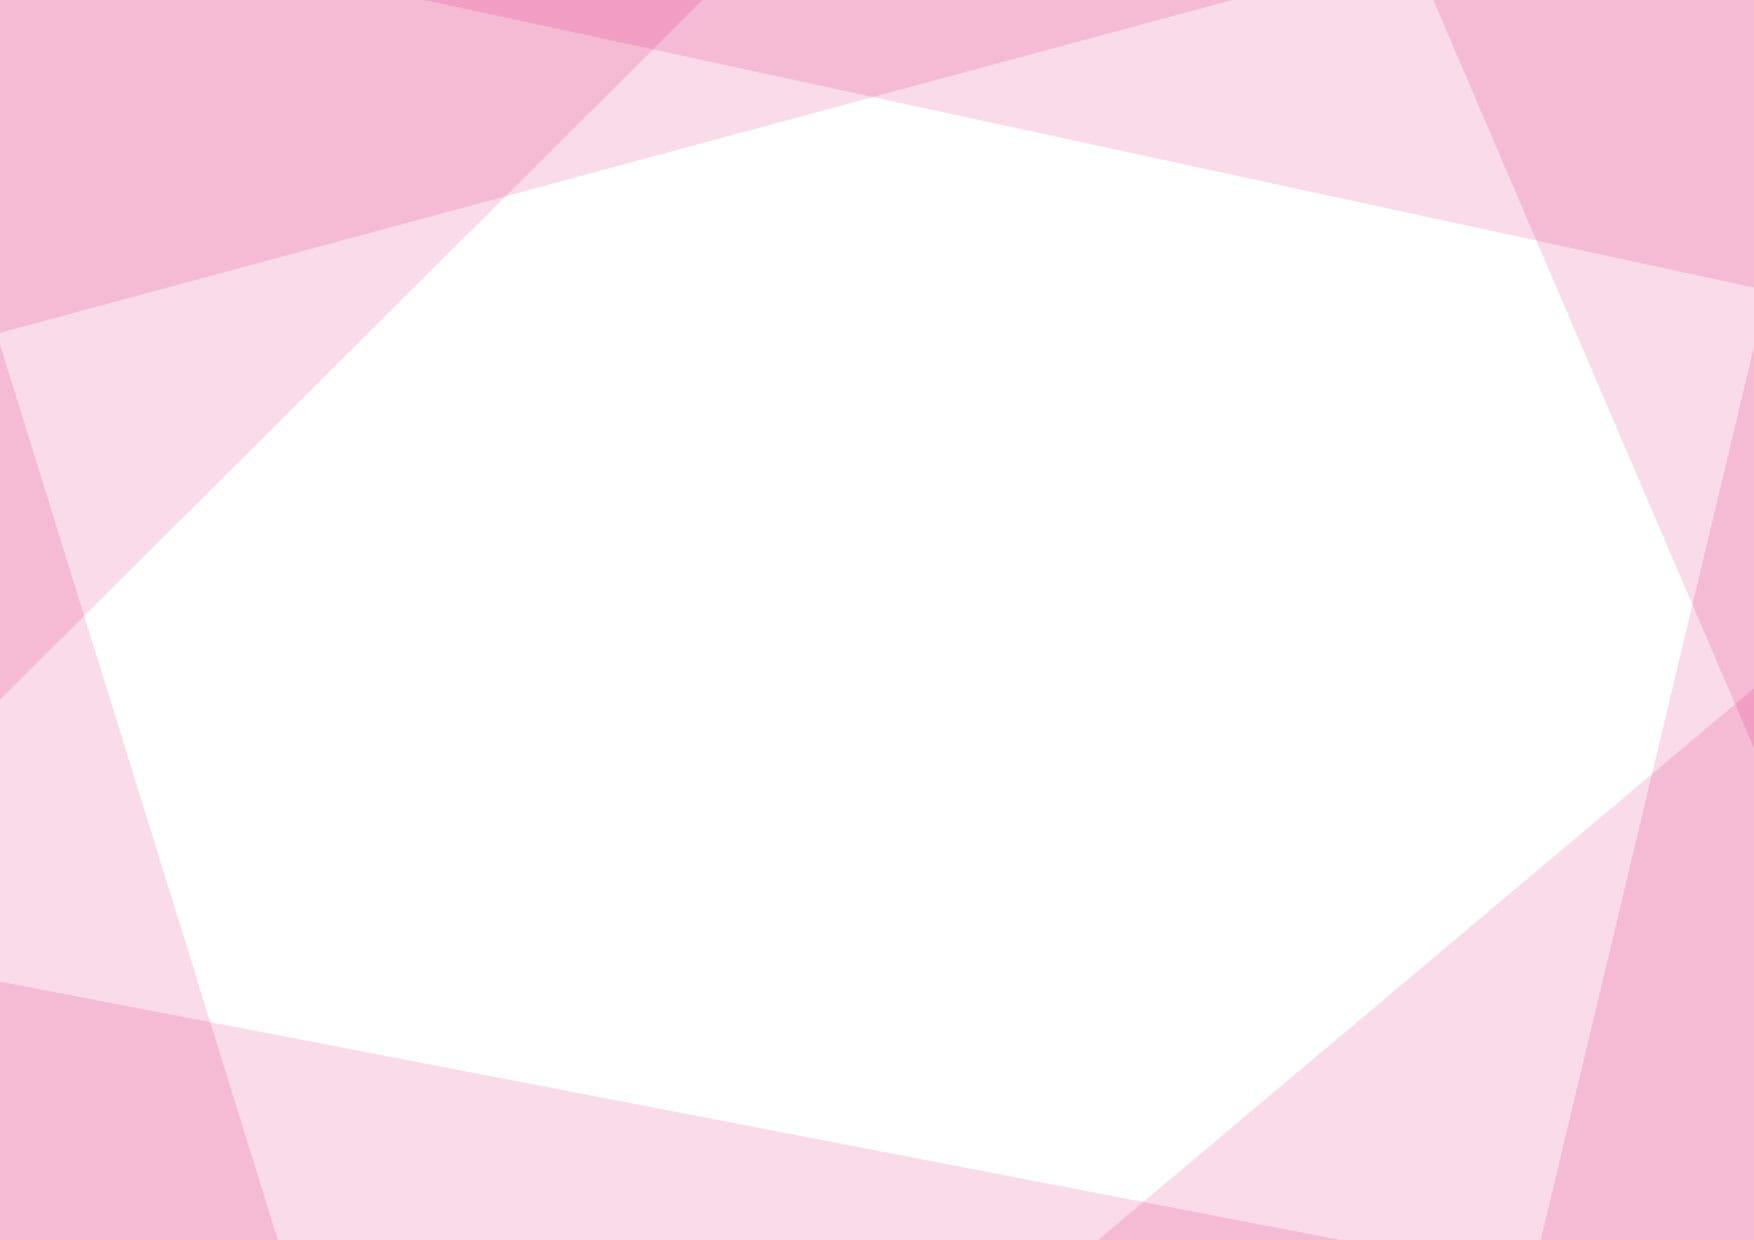 可愛いイラスト|背景 シンプル フレーム ピンク色 − free illustration  Background simple frame pink